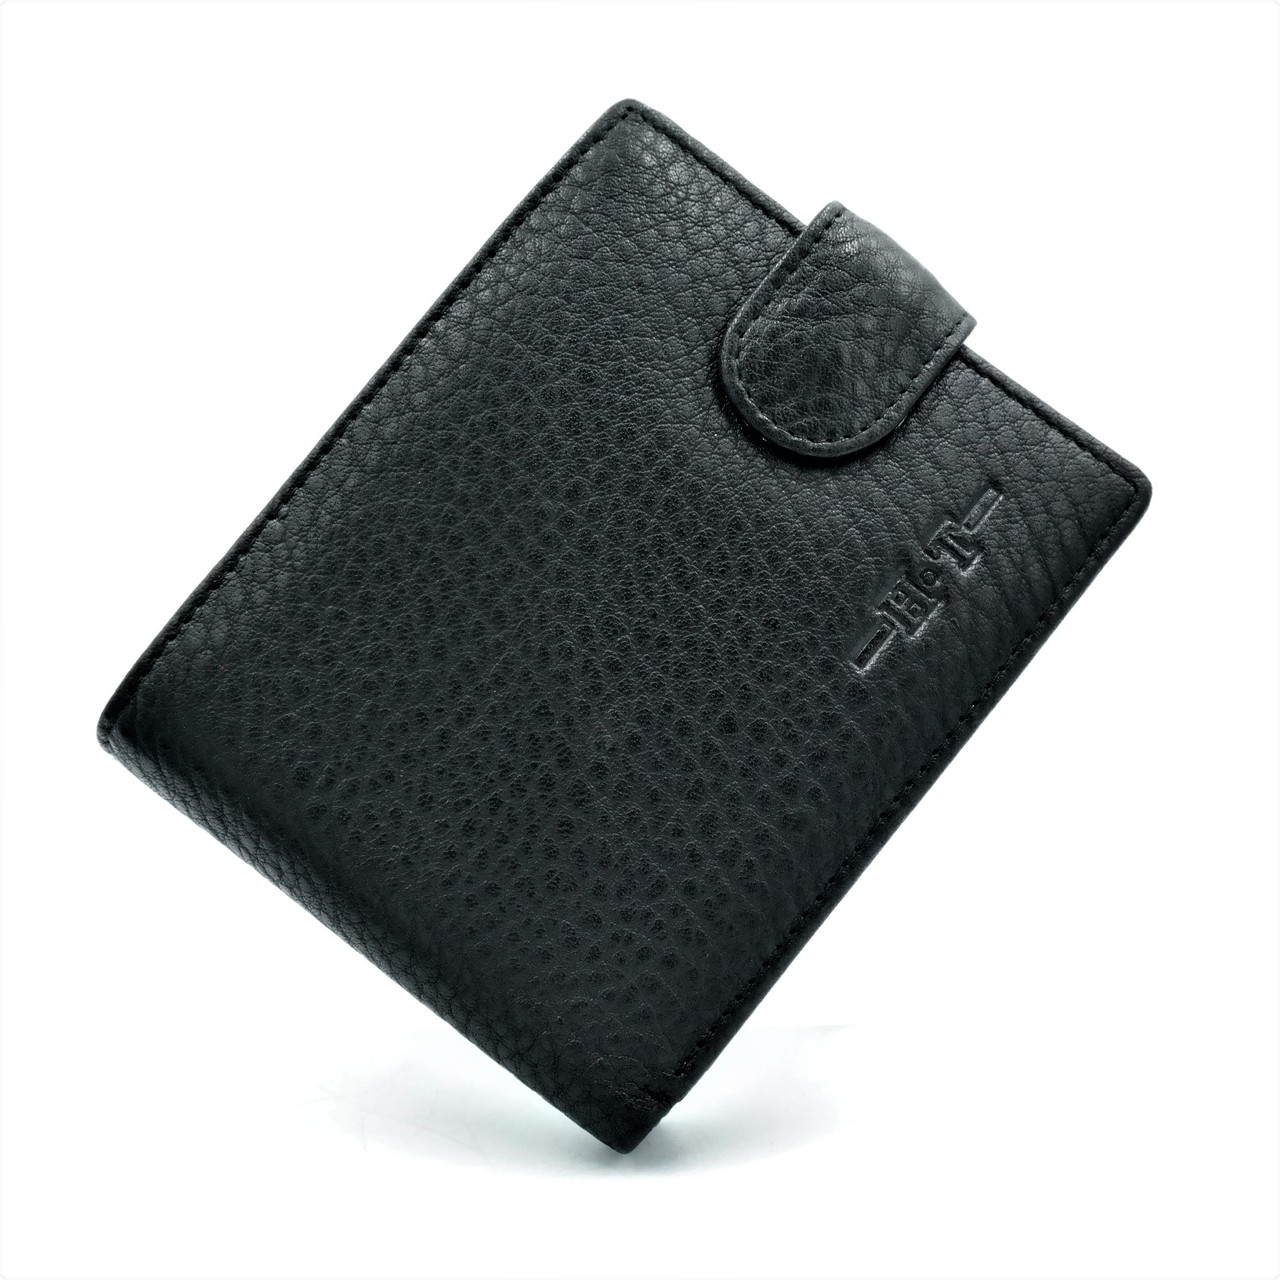 Чоловічий шкіряний гаманець Чорного кольору Зручний чоловічий гаманець Компактний шкіряний гаманець для чоловіка